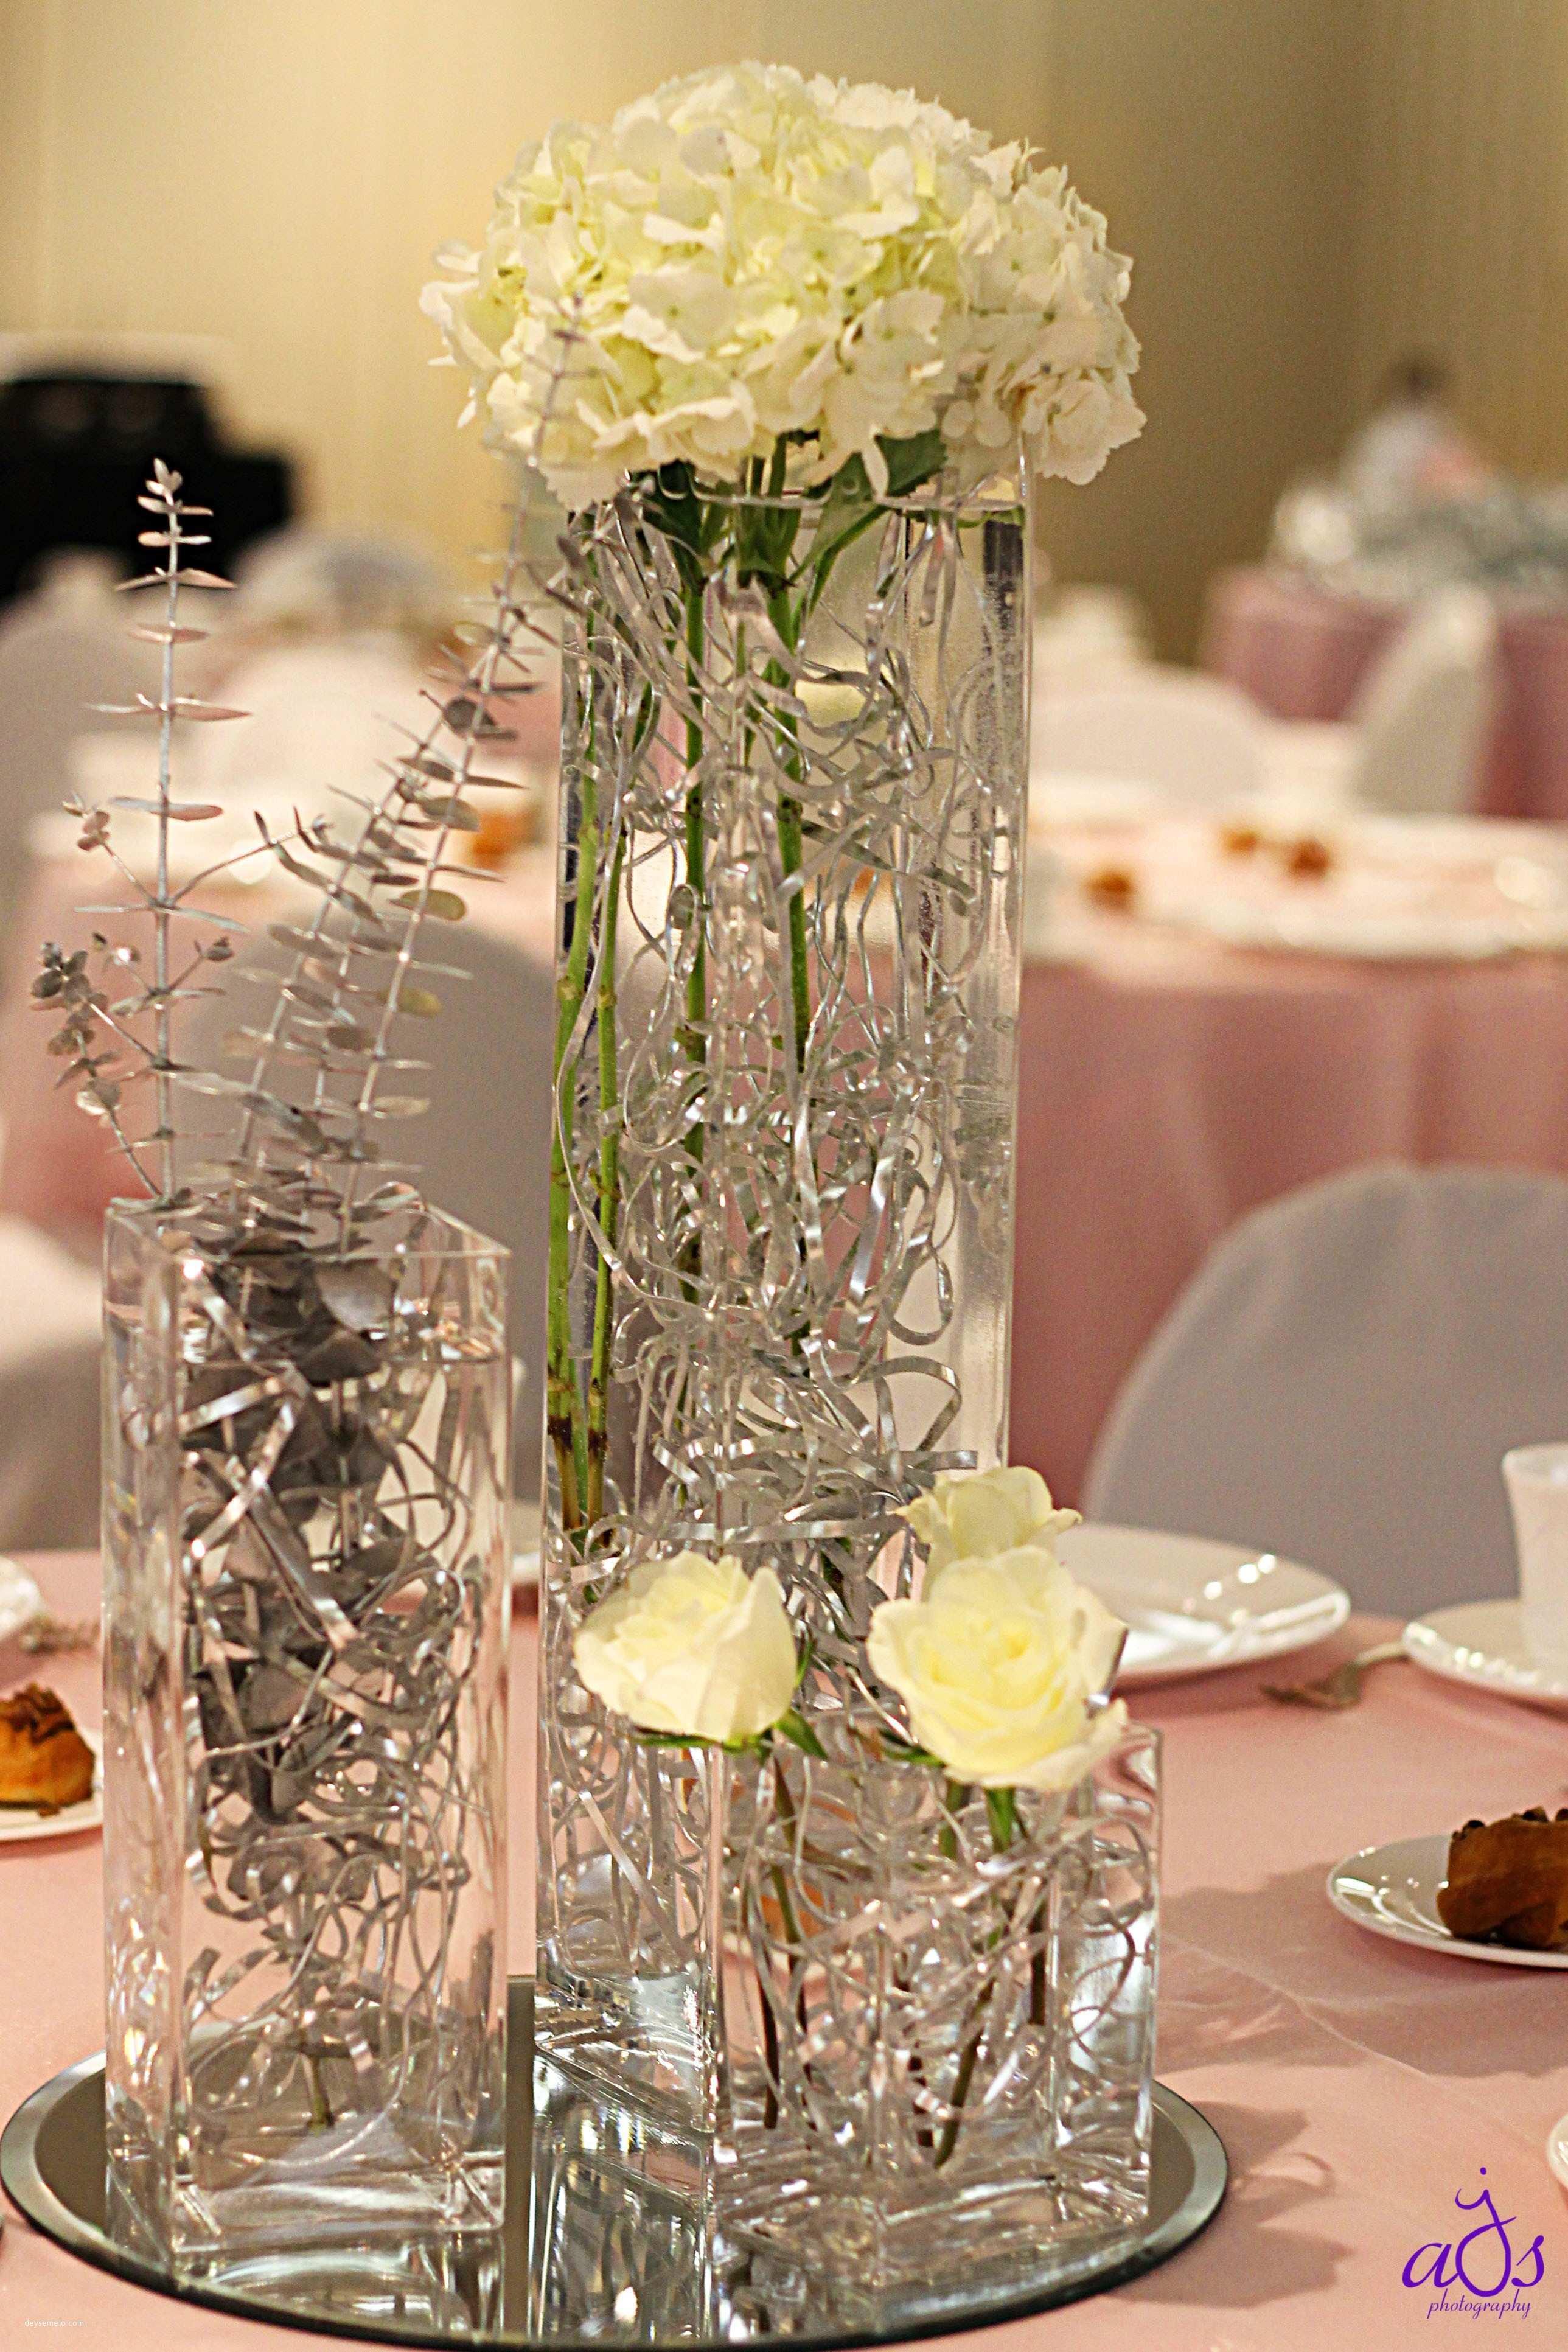 michaels glass vases of best bridal shower banner michaels and michaels baby shower favors regarding best bridal shower banner michaels and michaels baby shower favors handicraft ideas home decorating